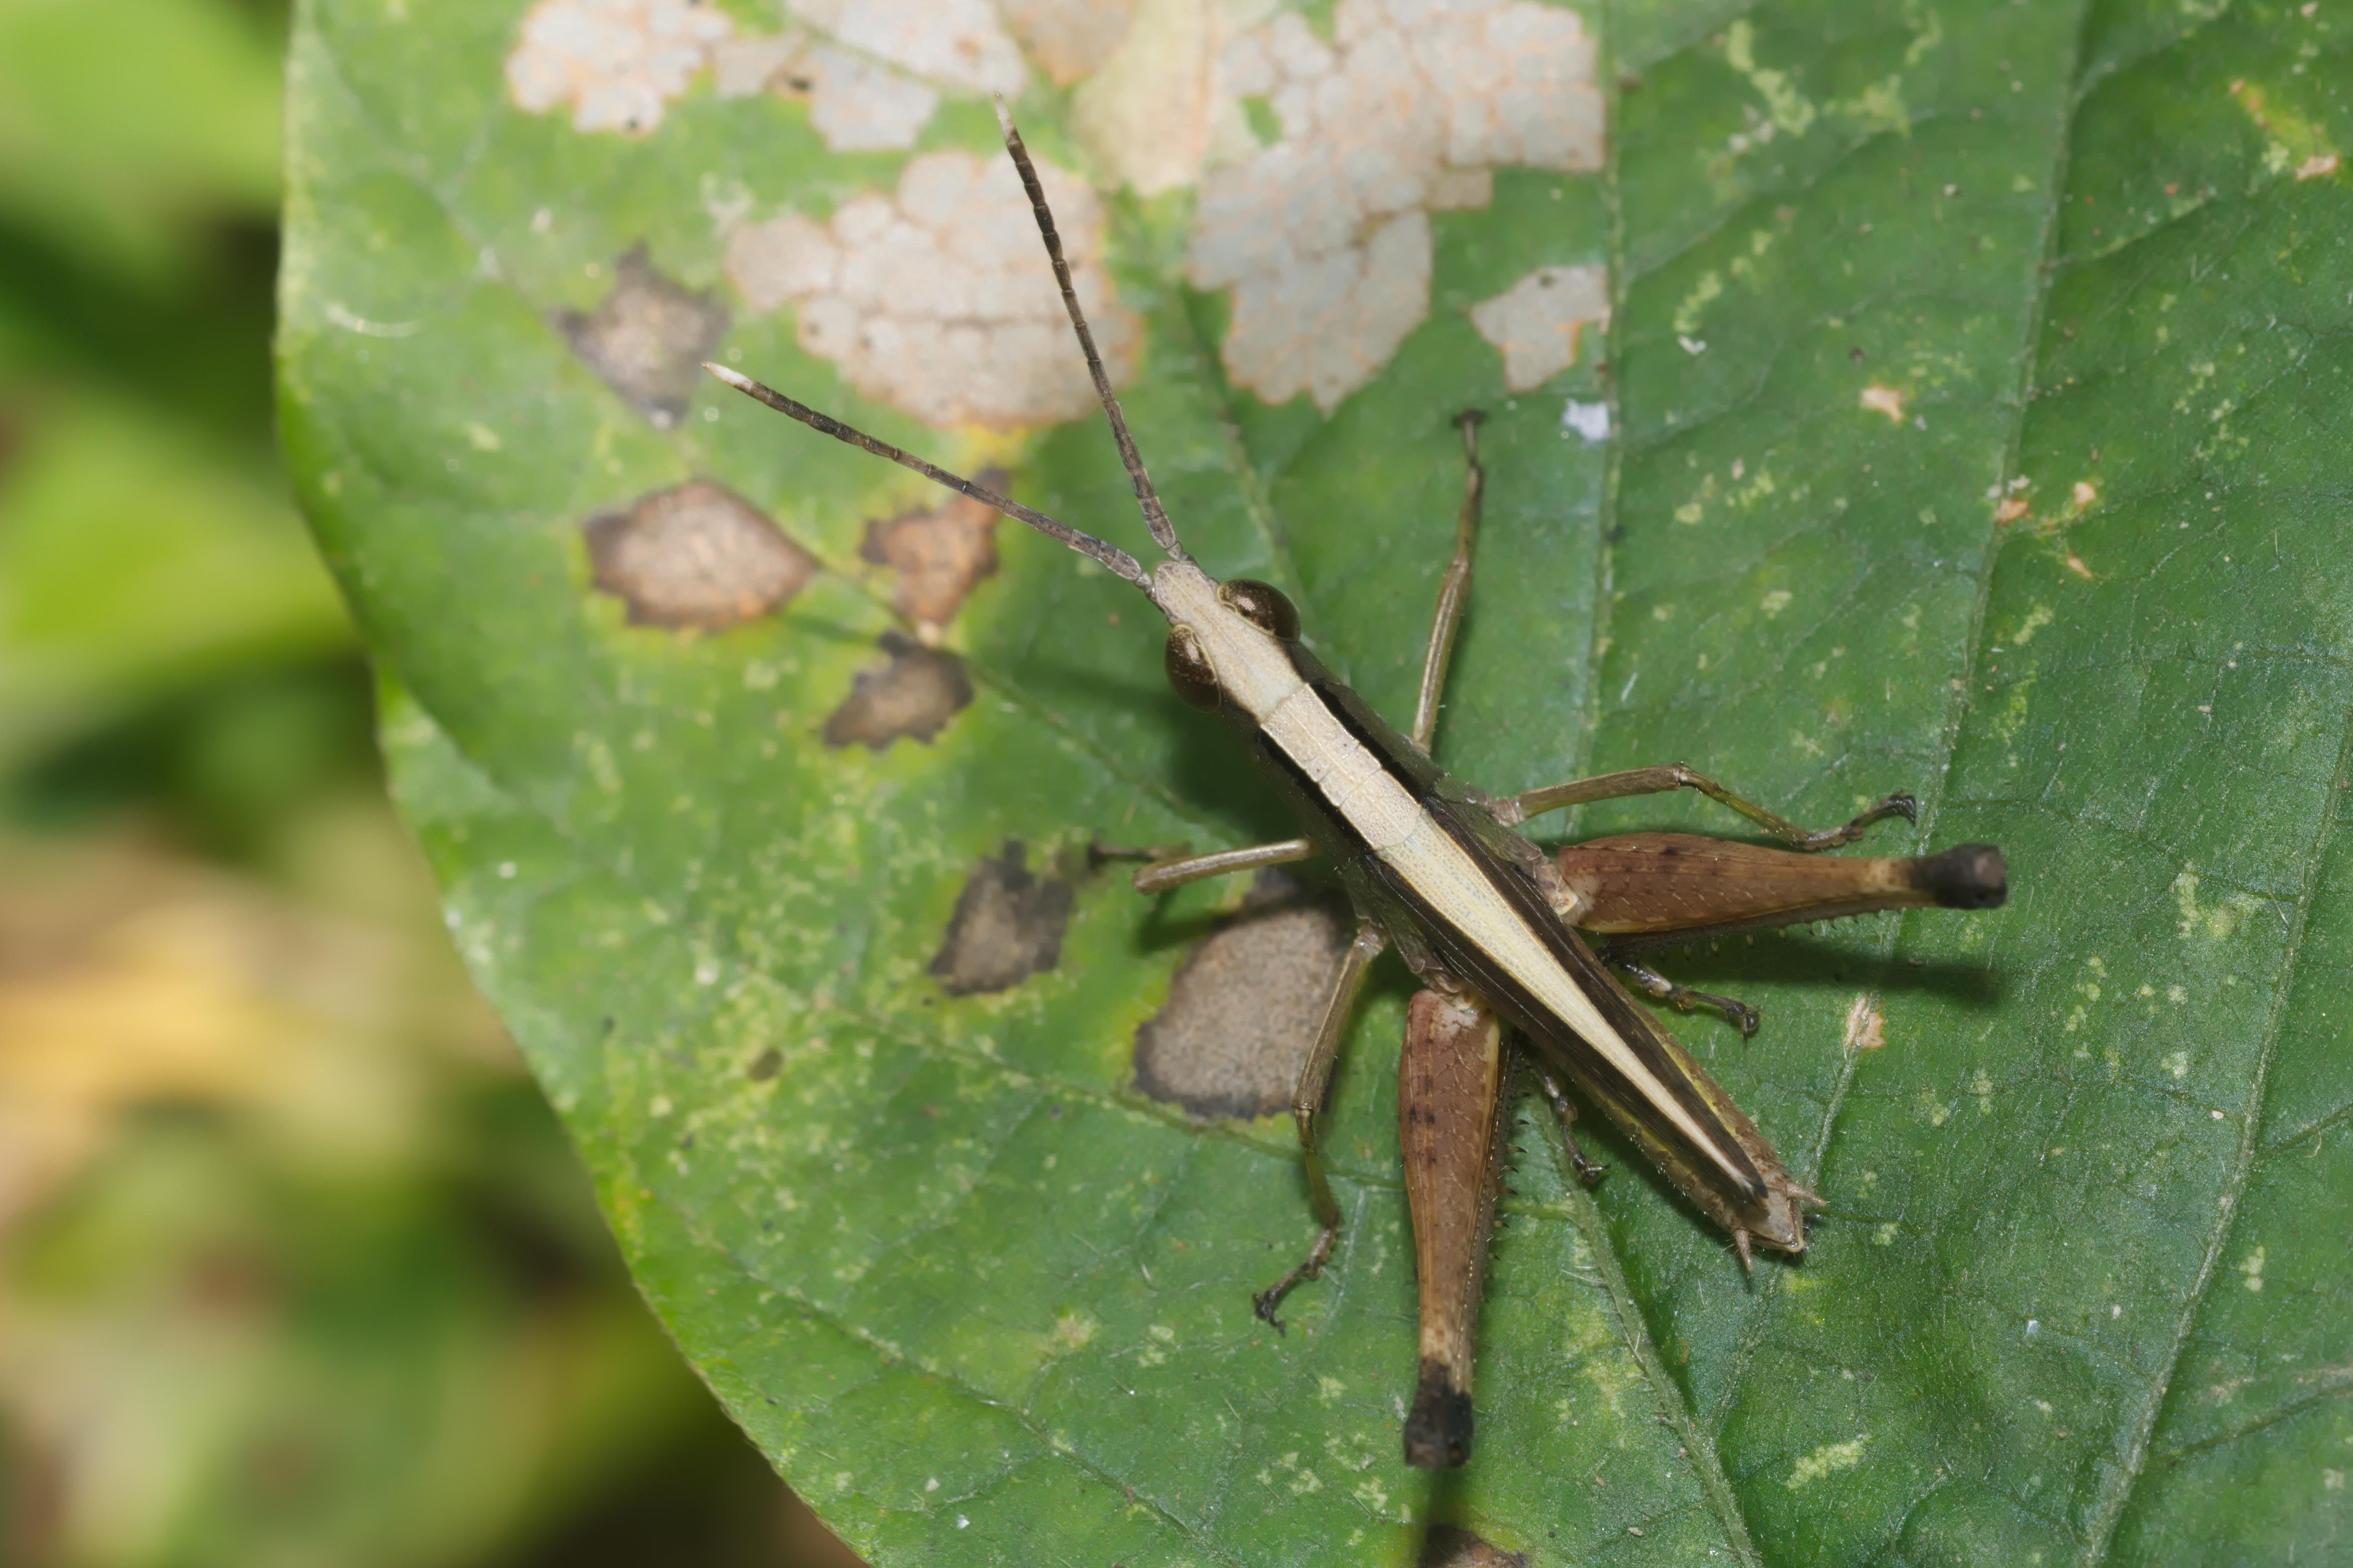 Image of monkey grasshoppers